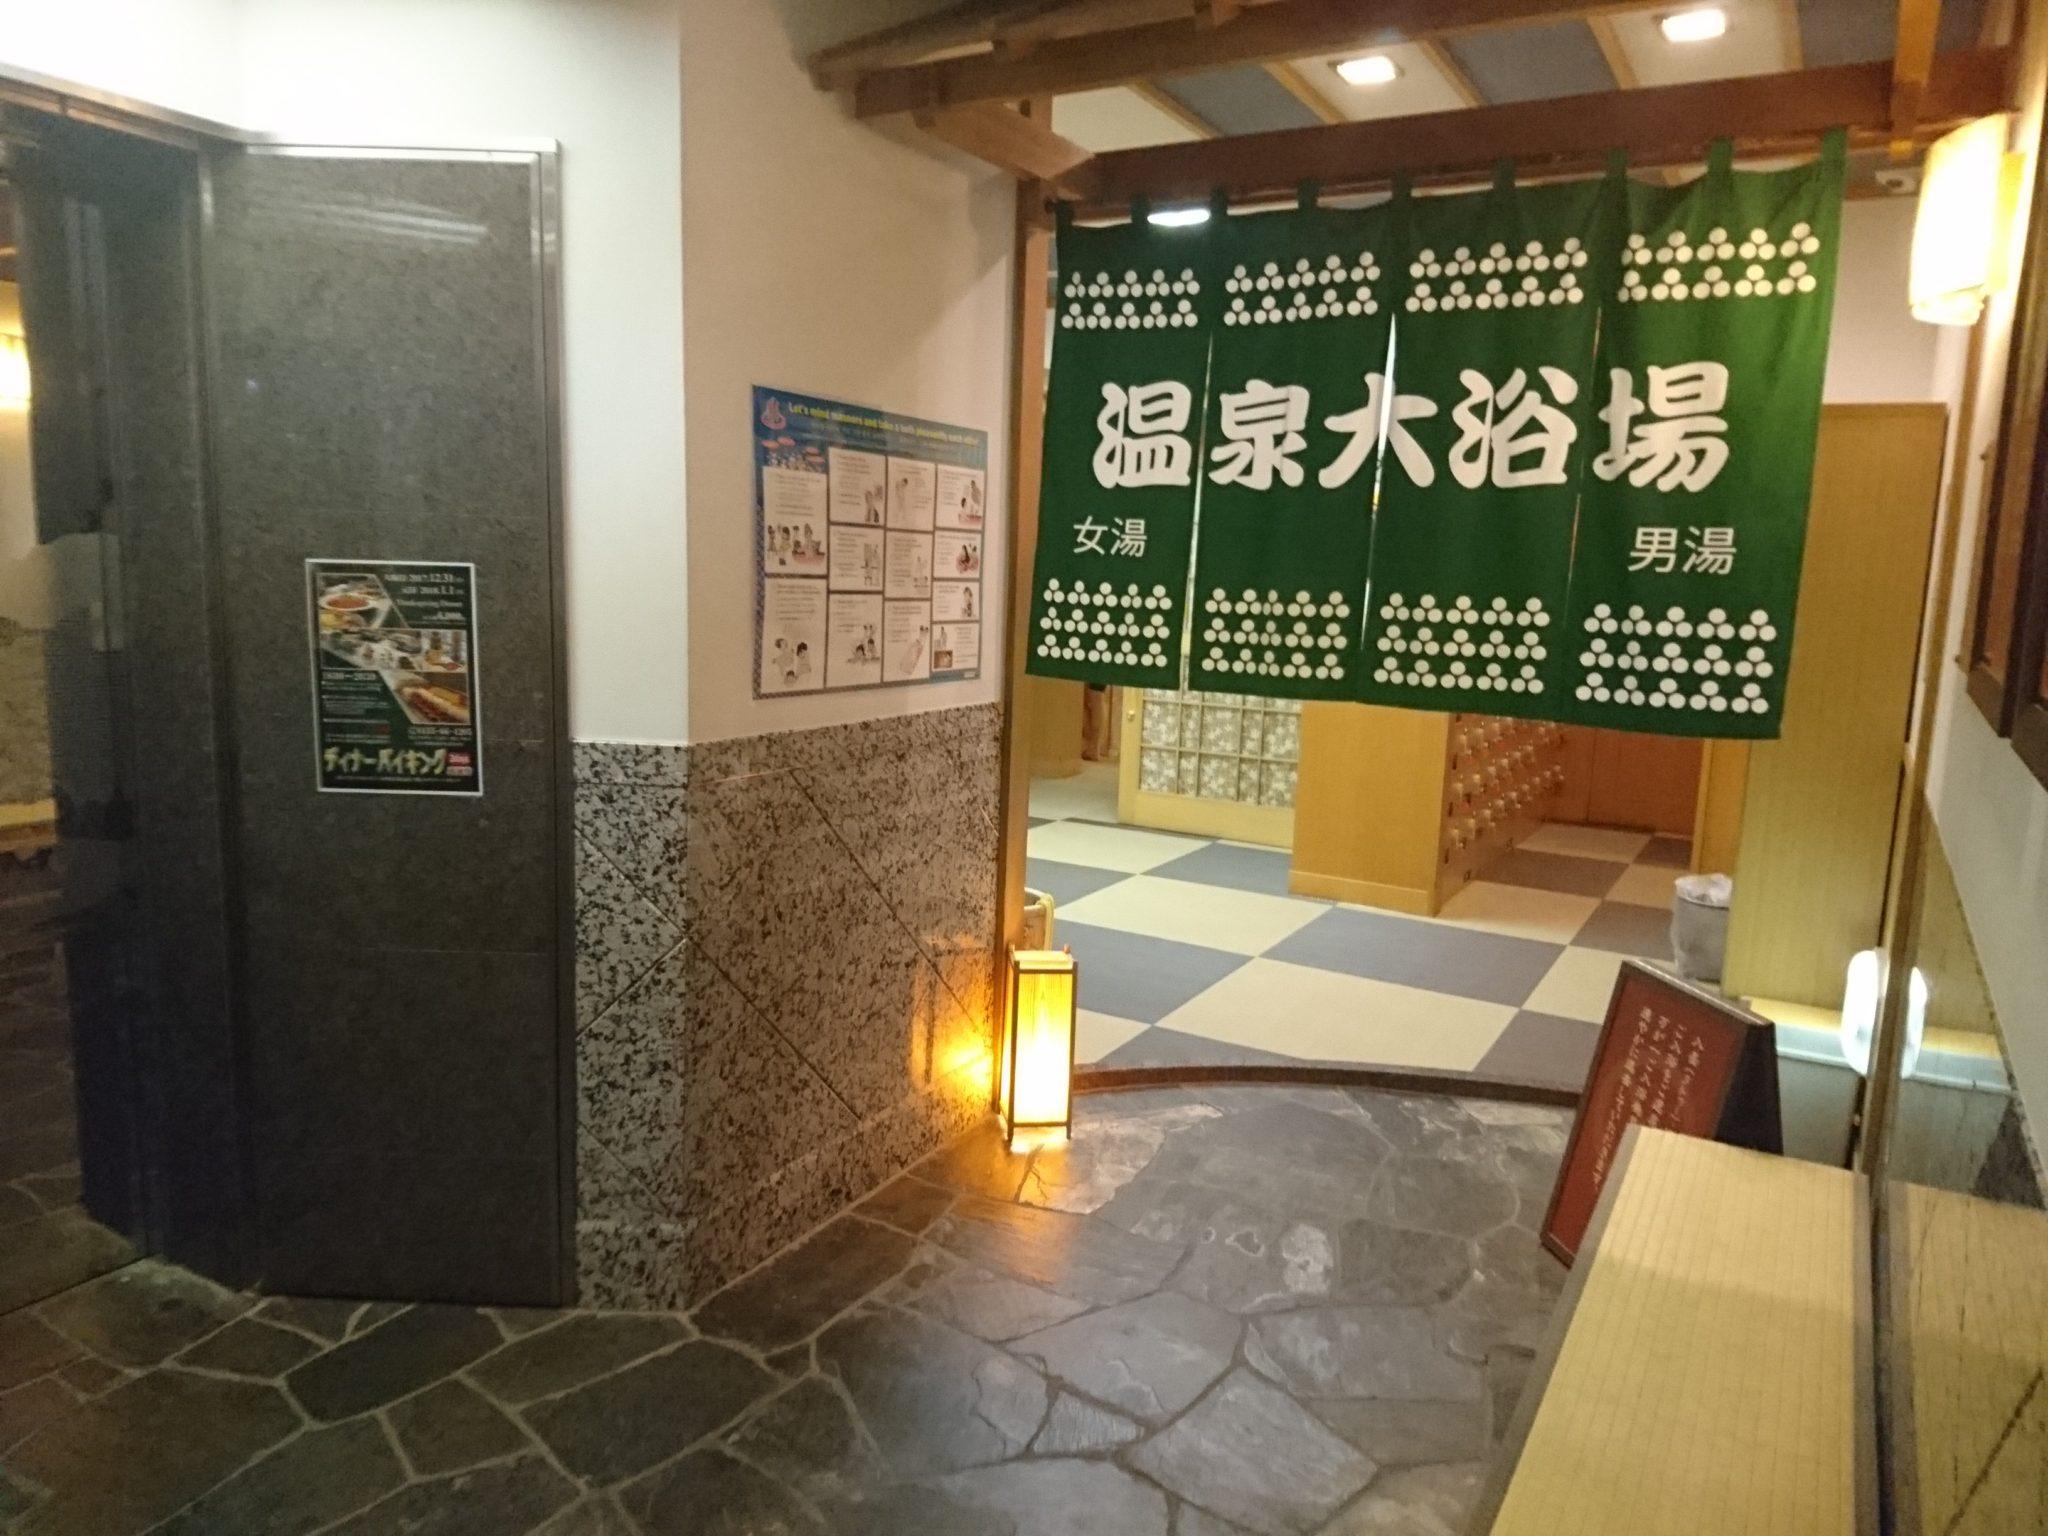 プレミアホテル-CABIN 天然温泉